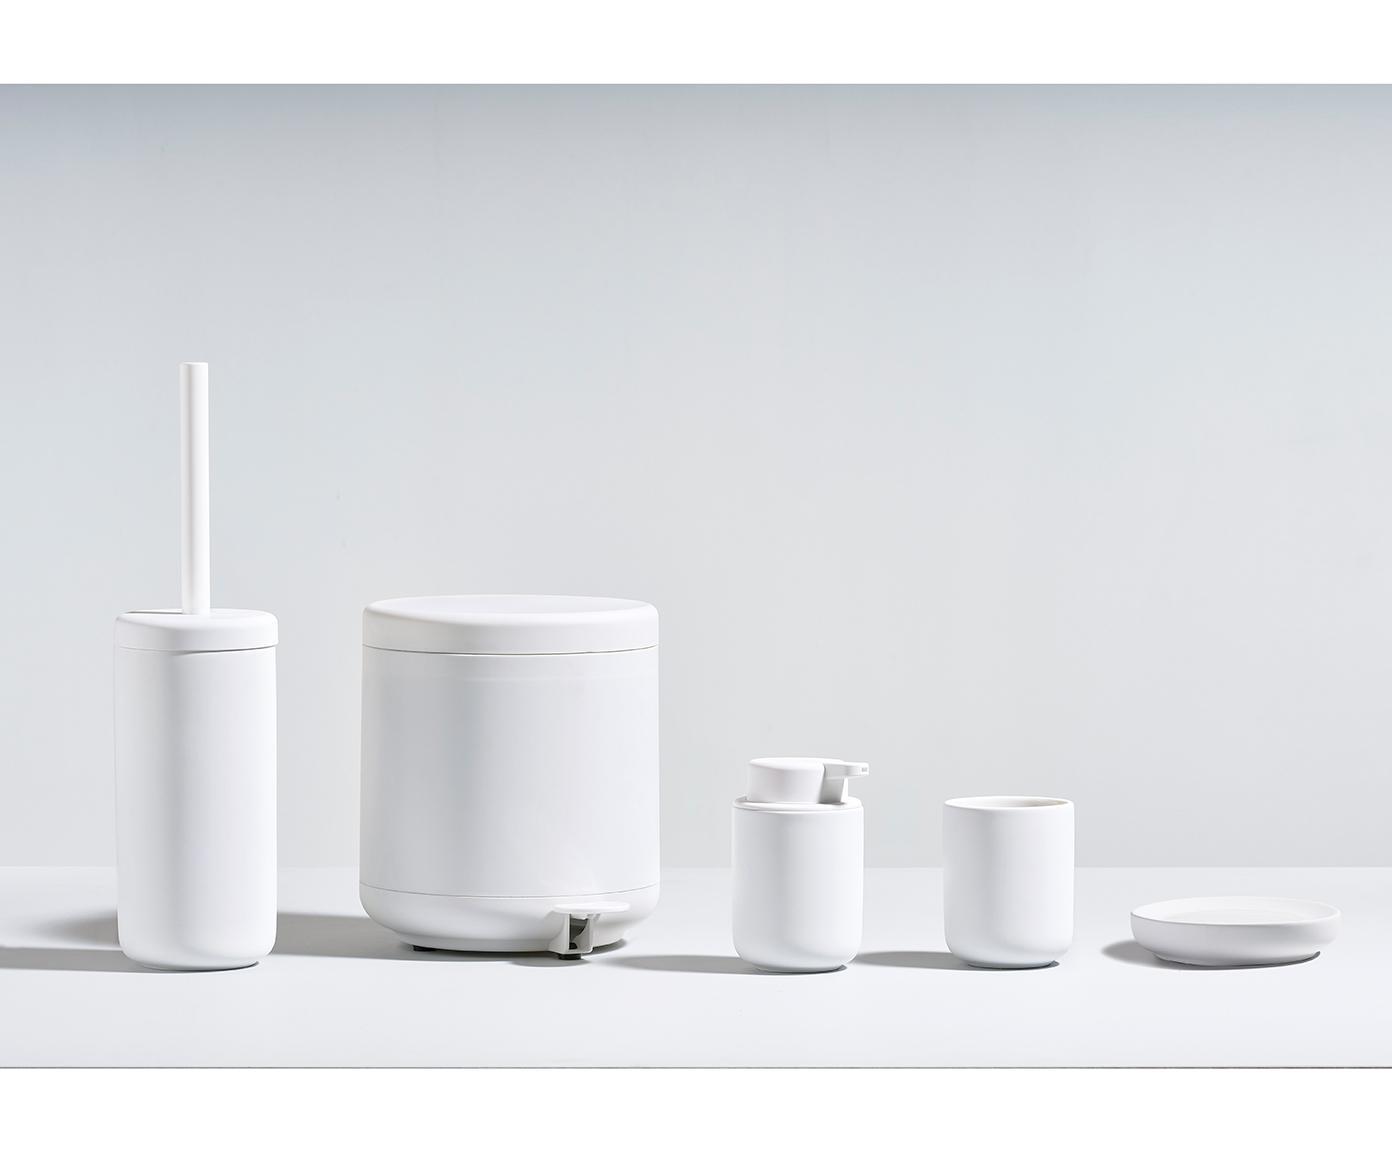 Szczotka toaletowa z pojemnikiem z kamionki Omega, Biały, matowy, Ø 10 x W 39 cm